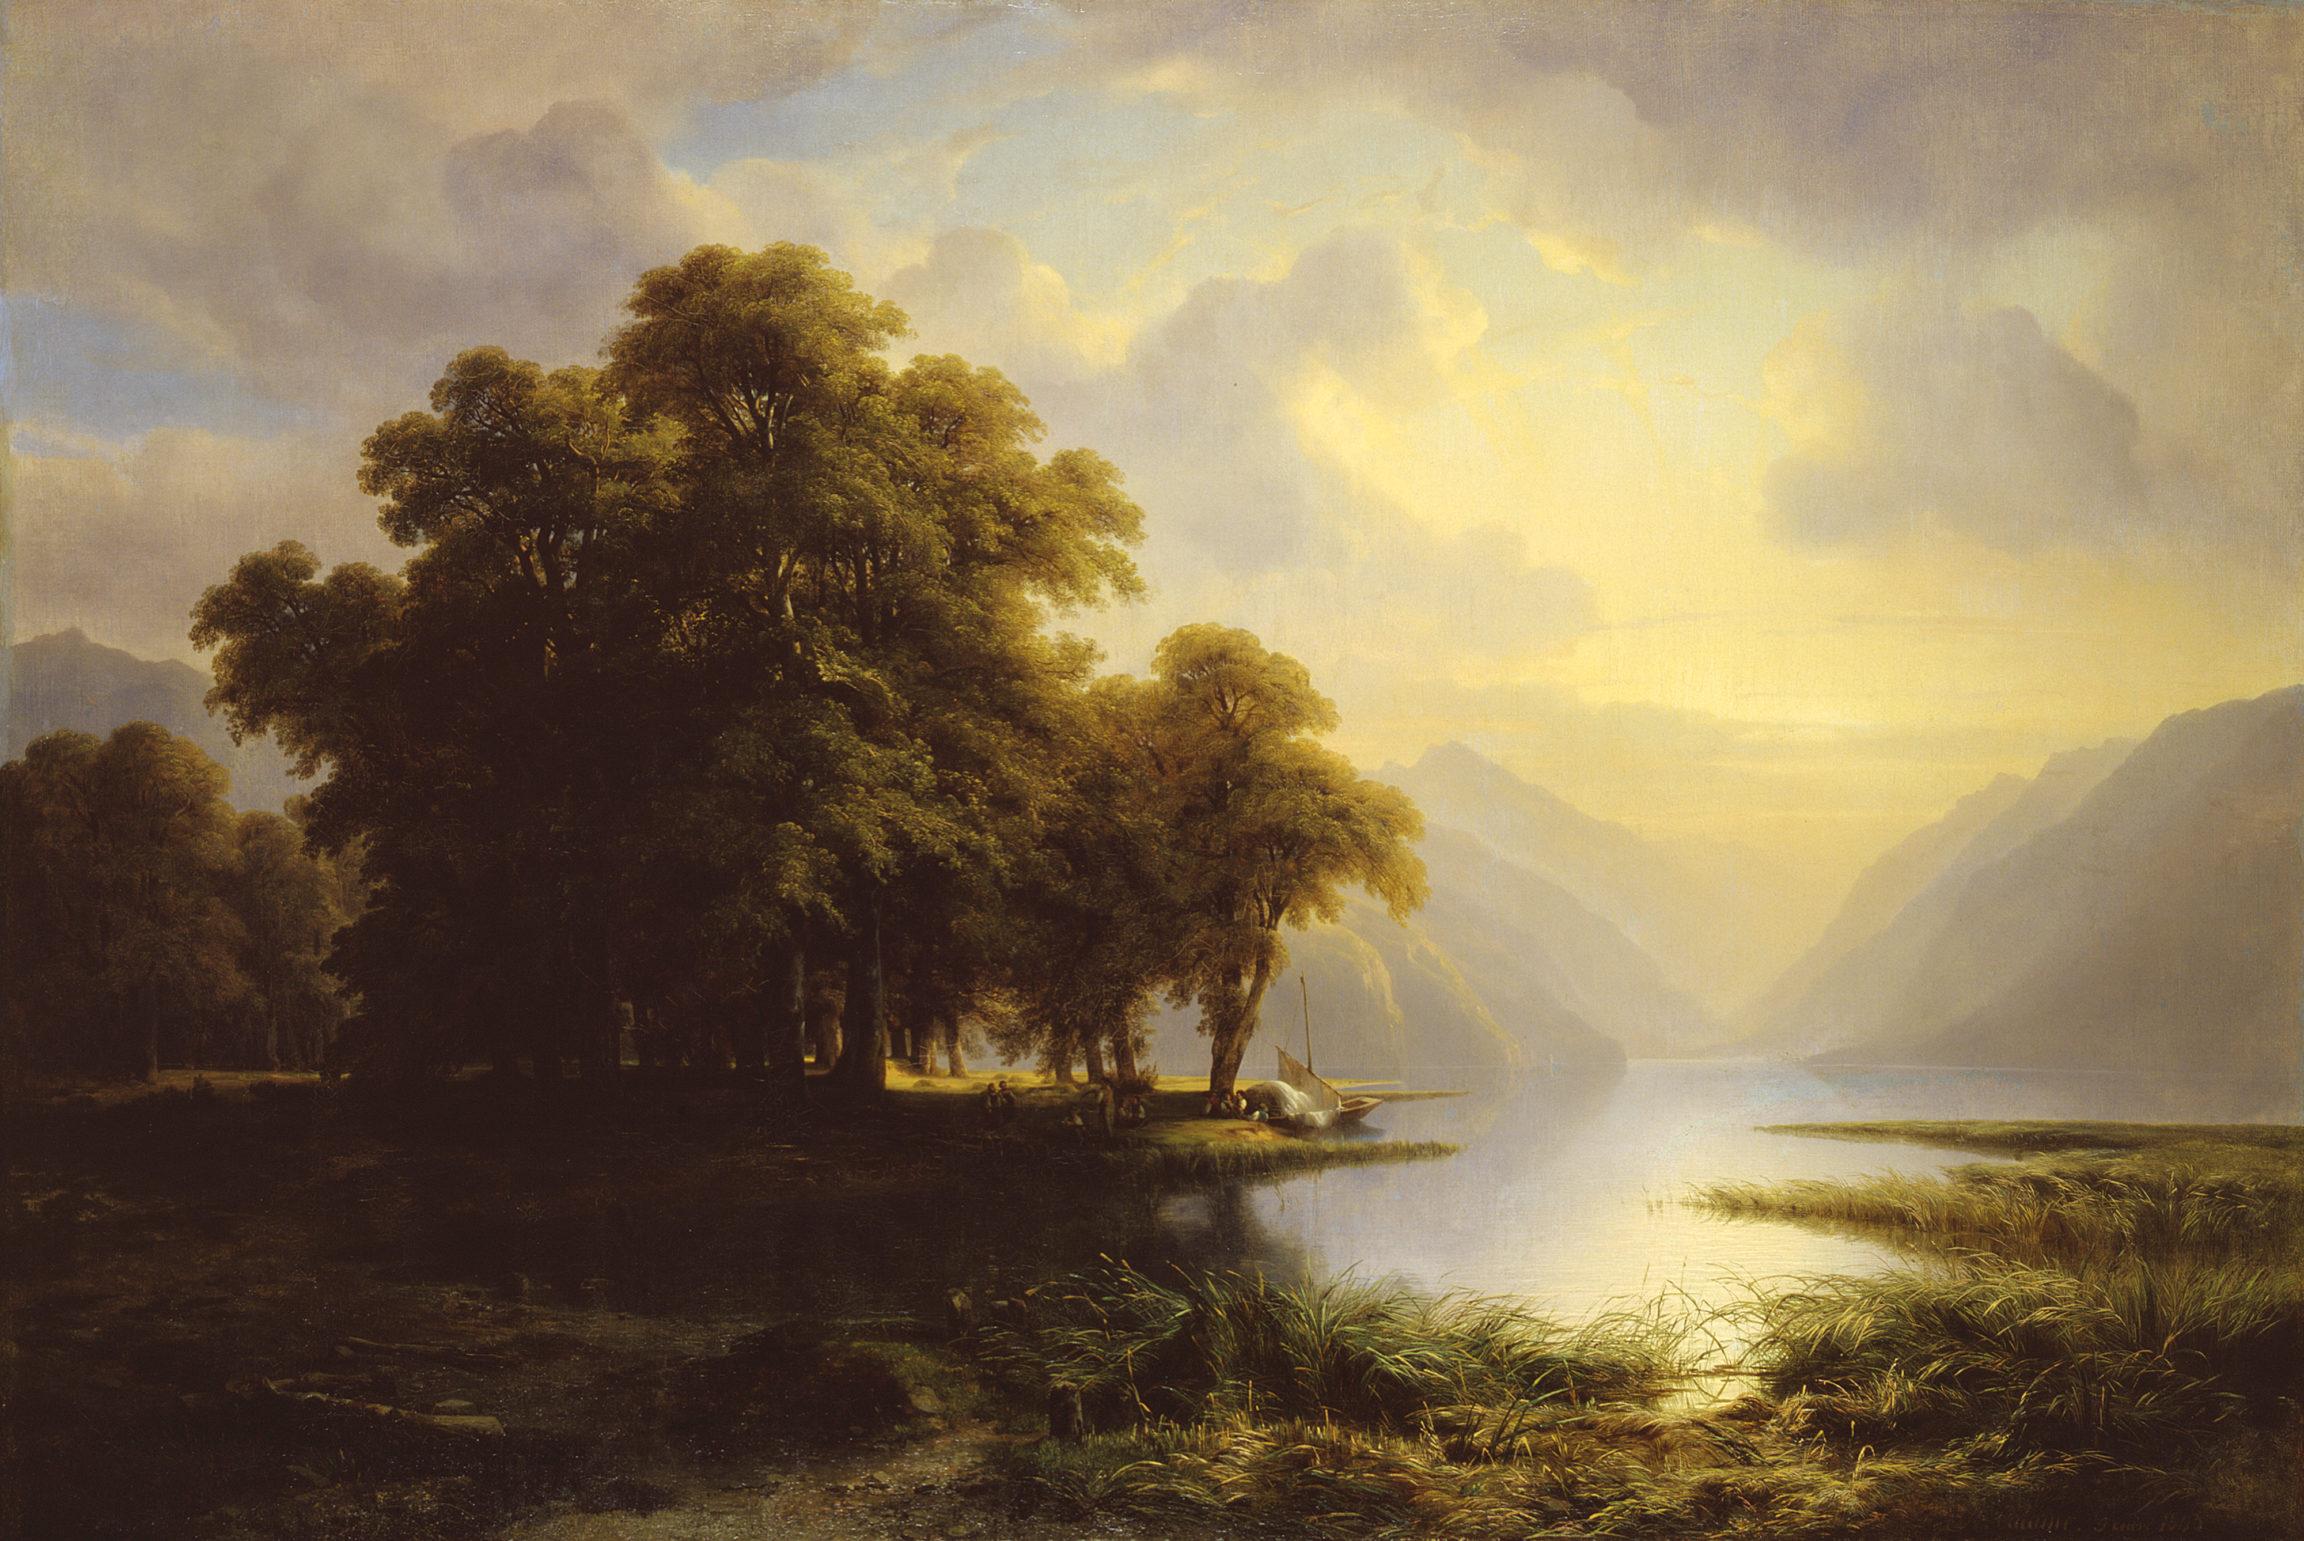 Alexandre Calame, Le lac de Brienz, 1843